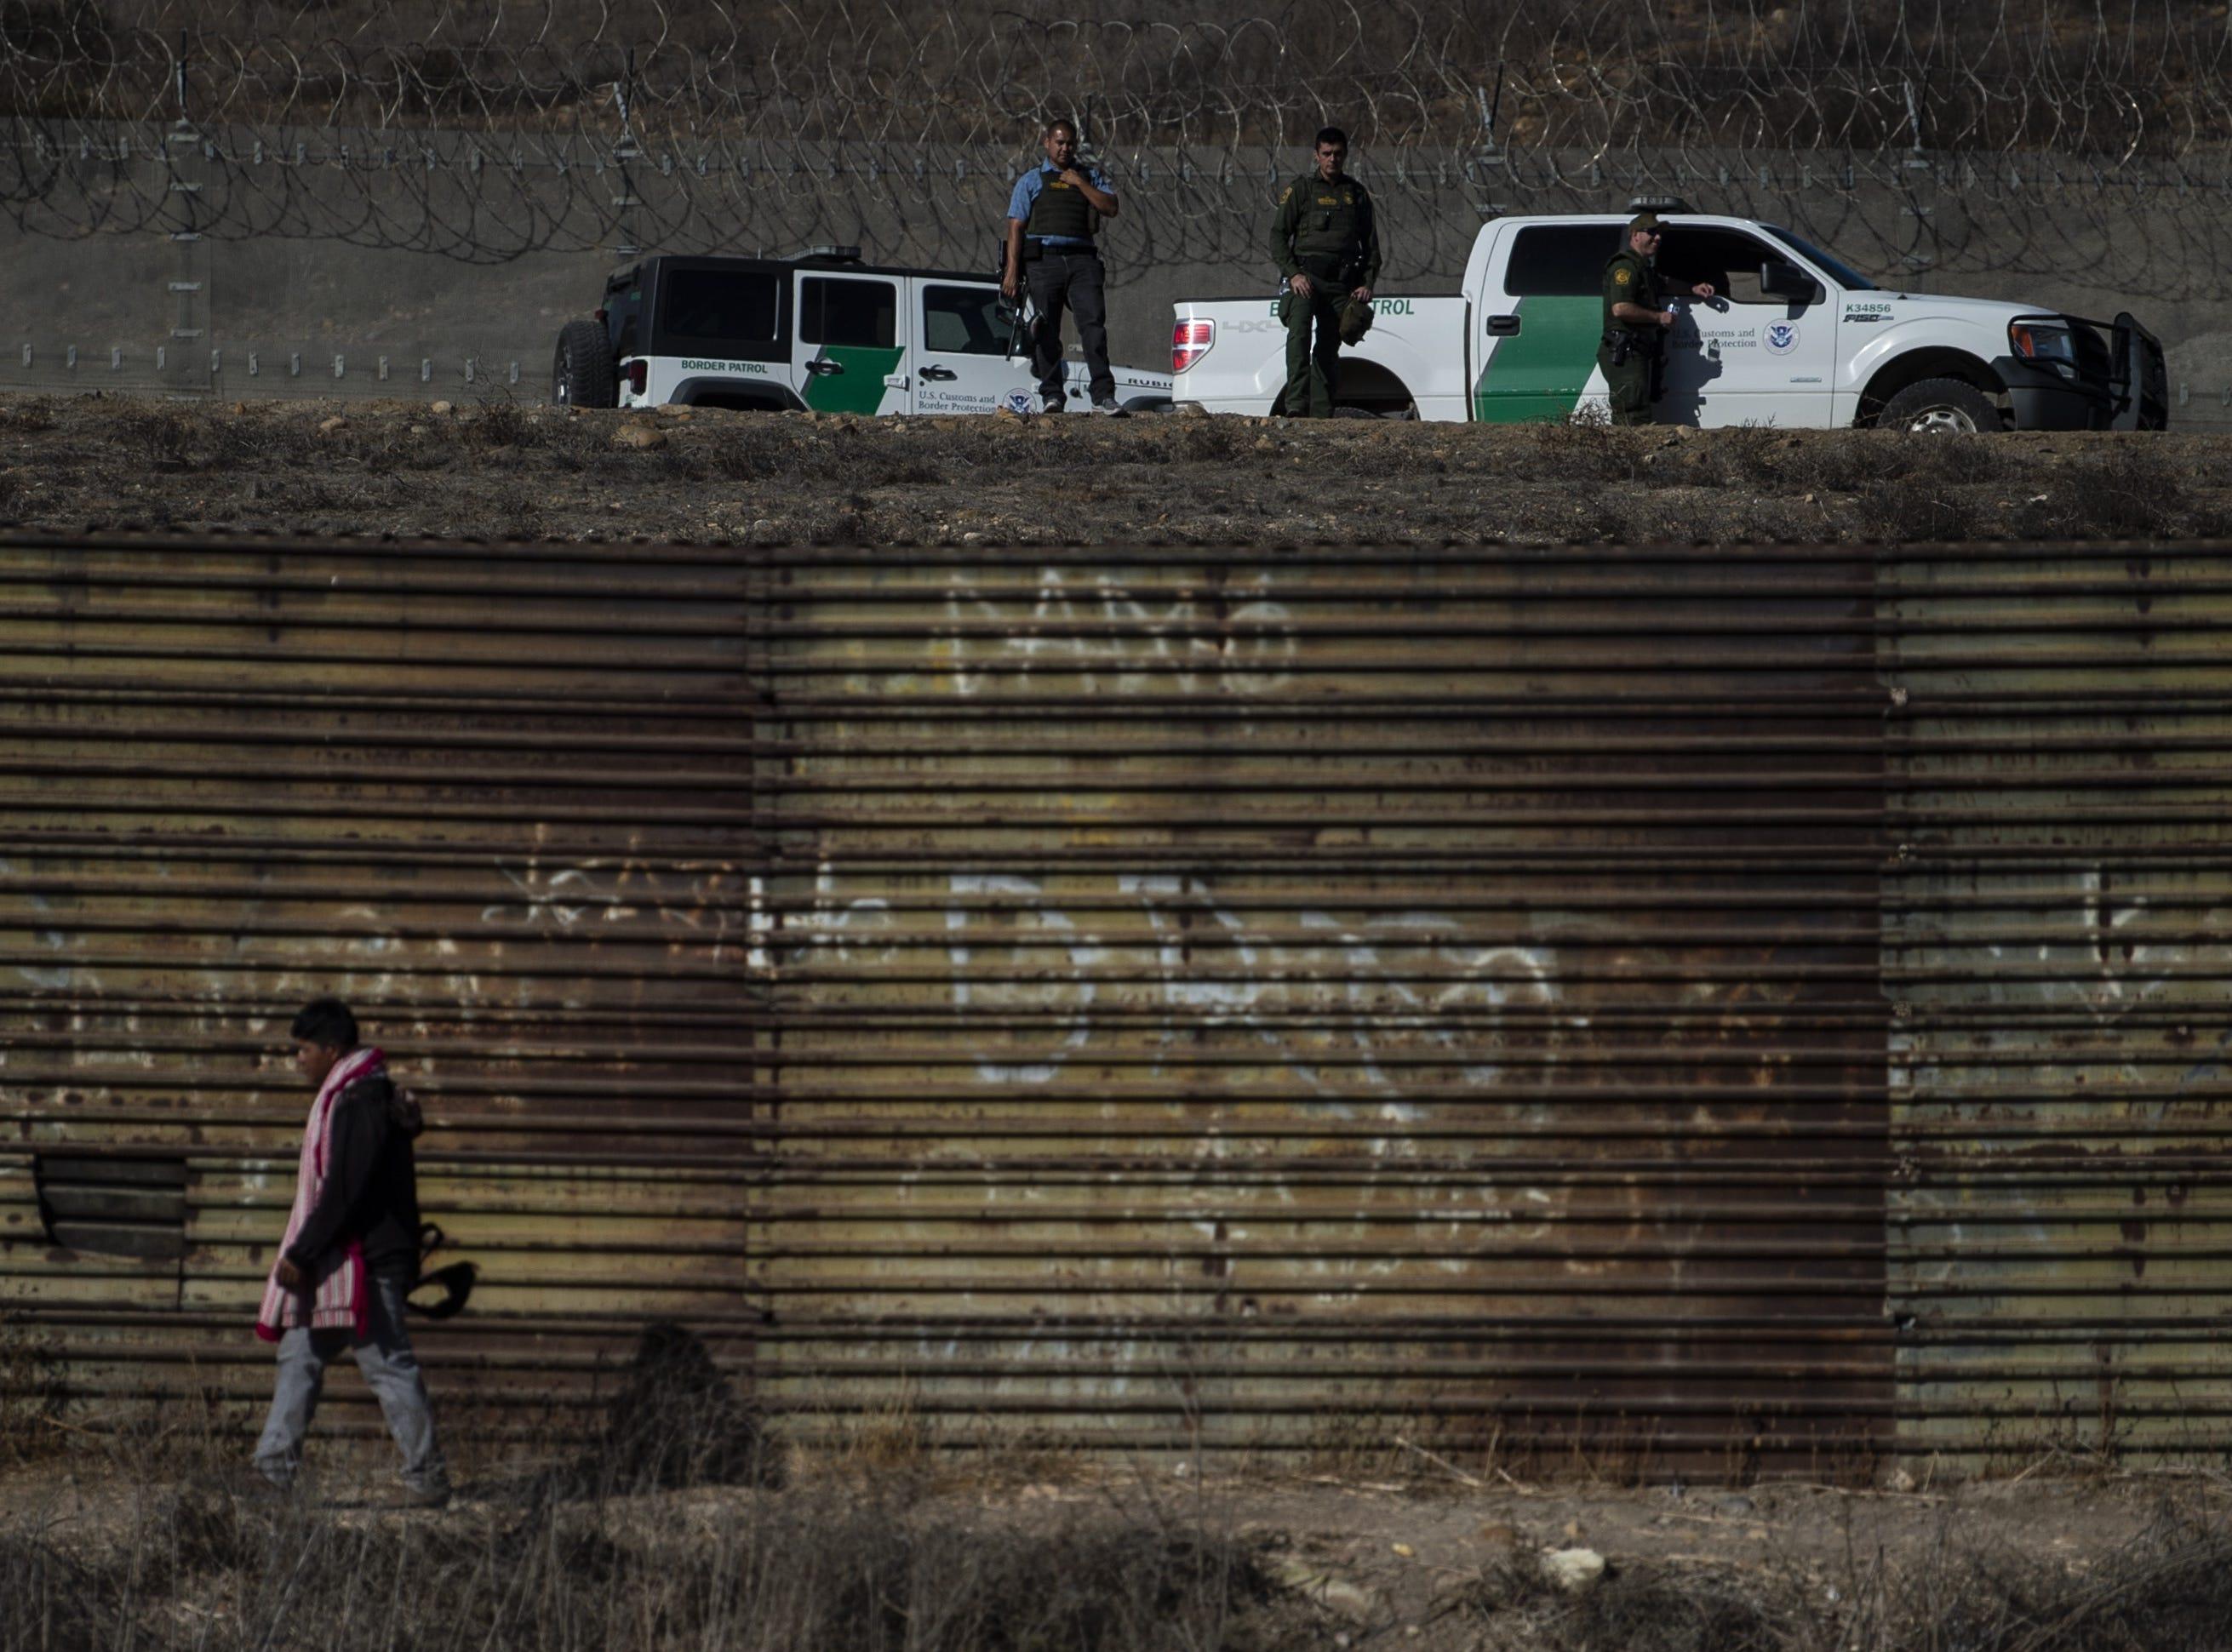 Los oficiales de la Patrulla Fronteriza de los EE. UU montan guardia a lo largo de la vía de agua poco profunda del río Tijuana mientras los migrantes centroamericanos, principalmente de Honduras, intentan llegar a suelo estadounidense desde Tijuana, estado de Baja California, México, el 25 de noviembre de 2018.